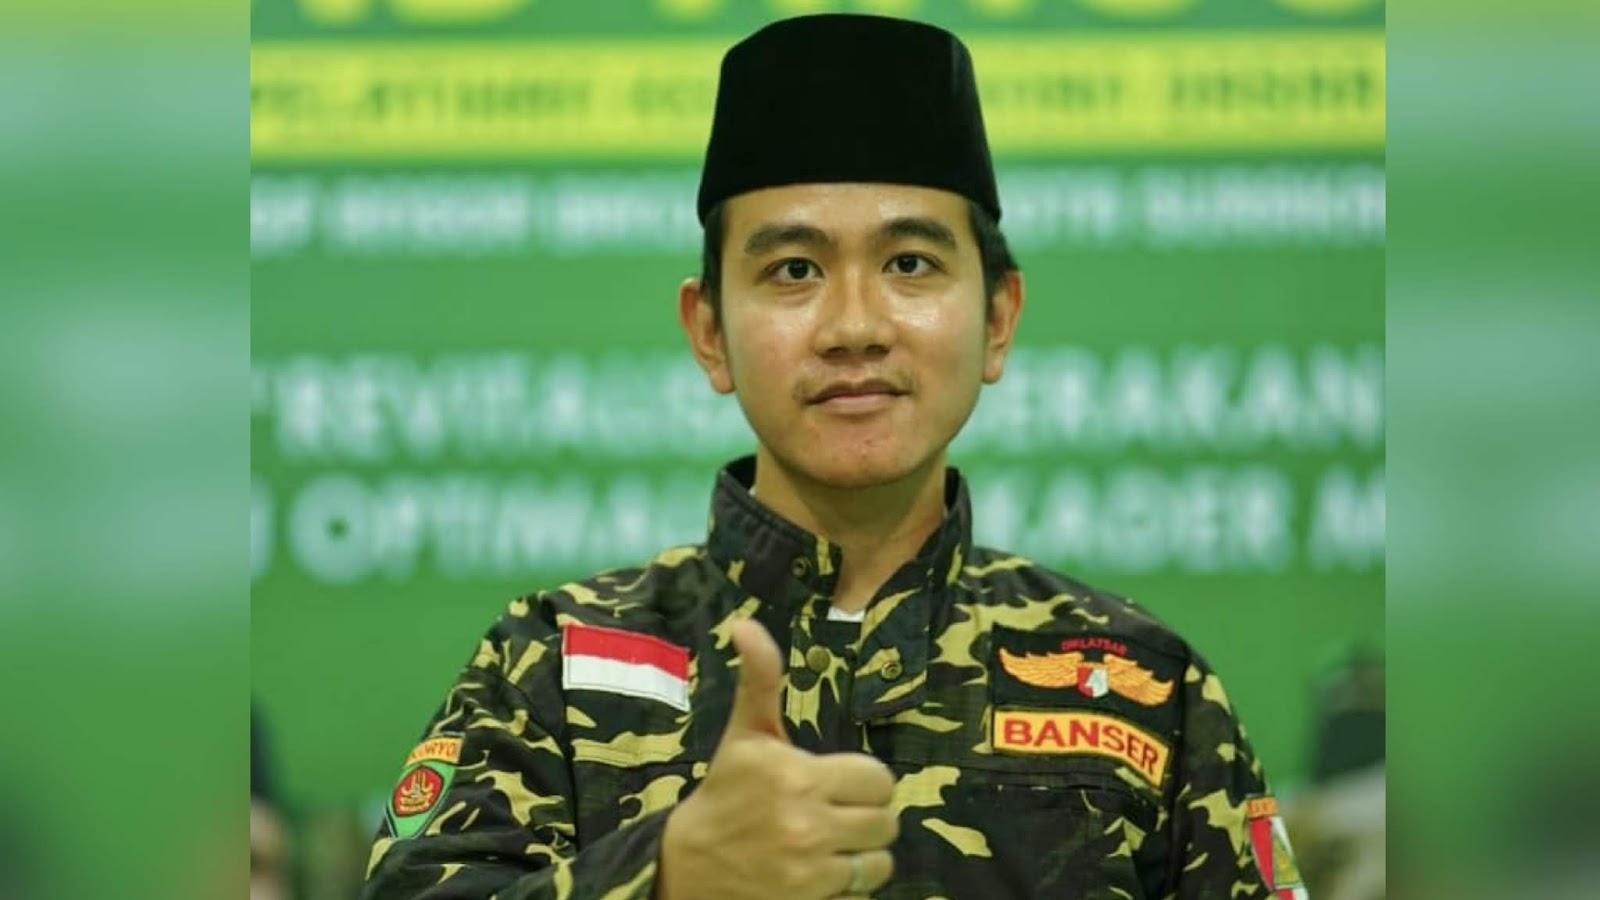 Putra Jokowi Jadi Anggota Kehormatan Banser, Pemuda Aswaja: Layak Dipanggil Gus Gibran